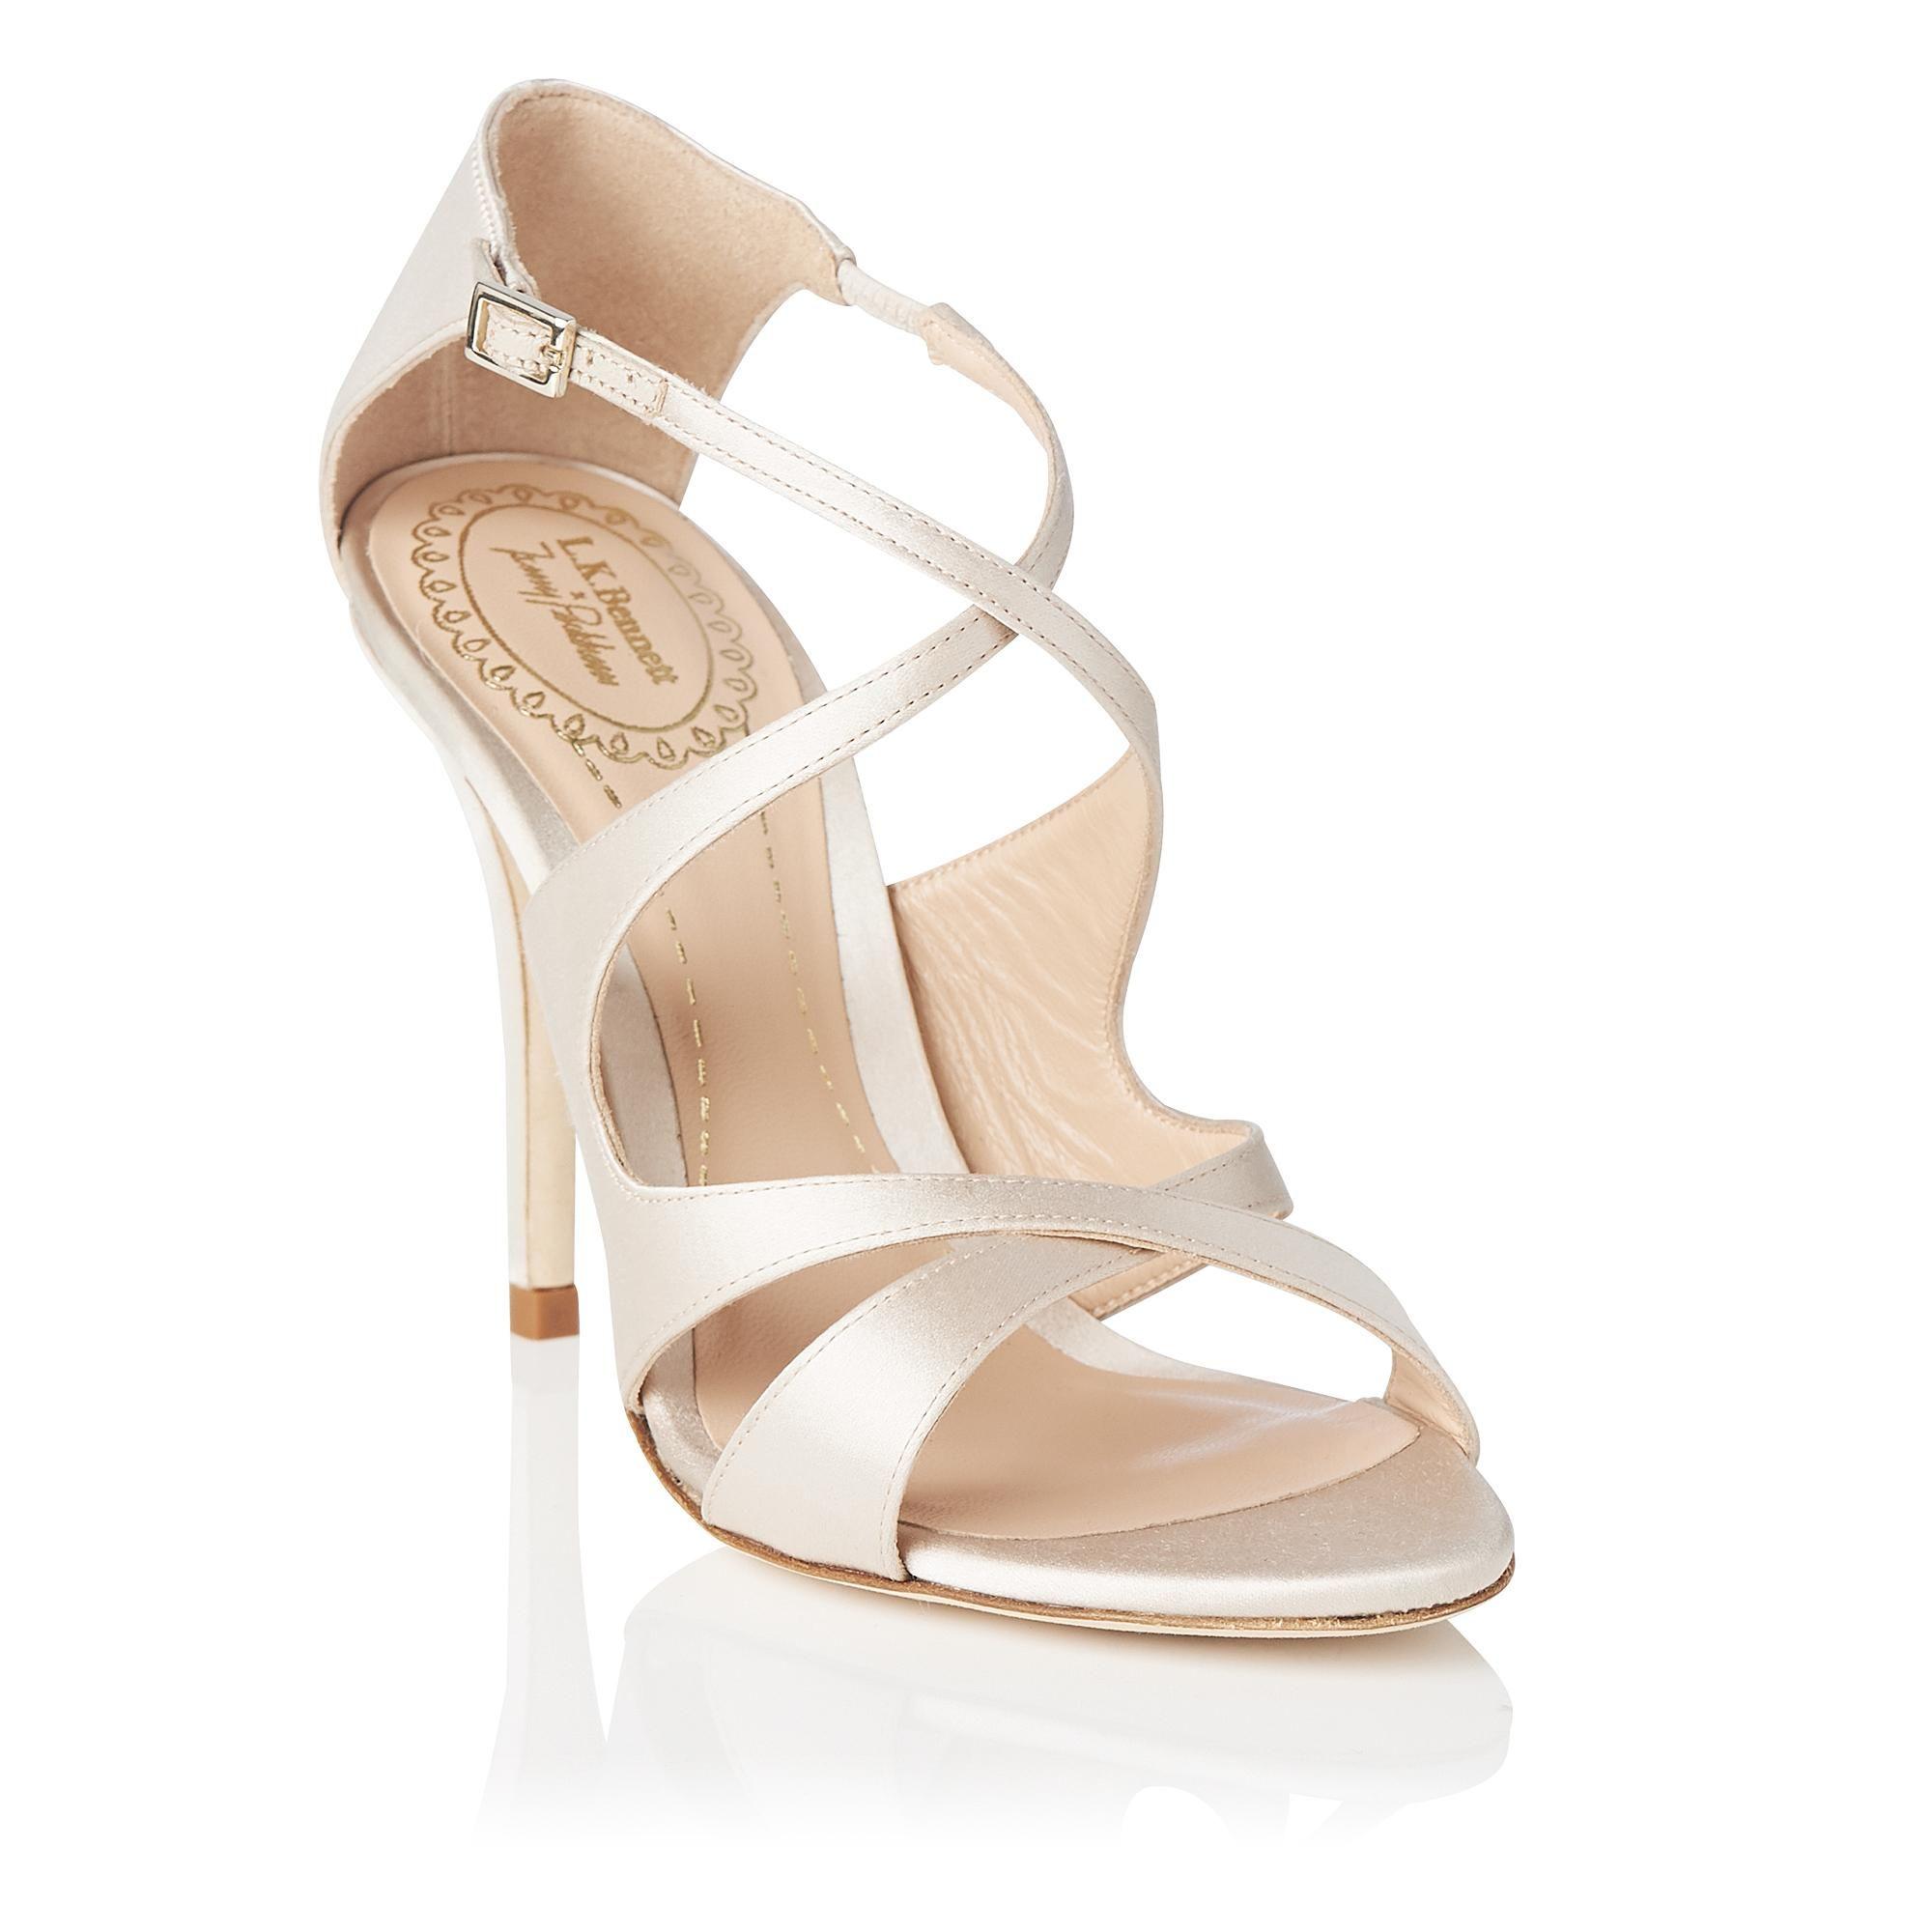 8f48e162258 Brielle Nude Satin Sandals | shoes | Sandals, Shoes, Bridal shoes